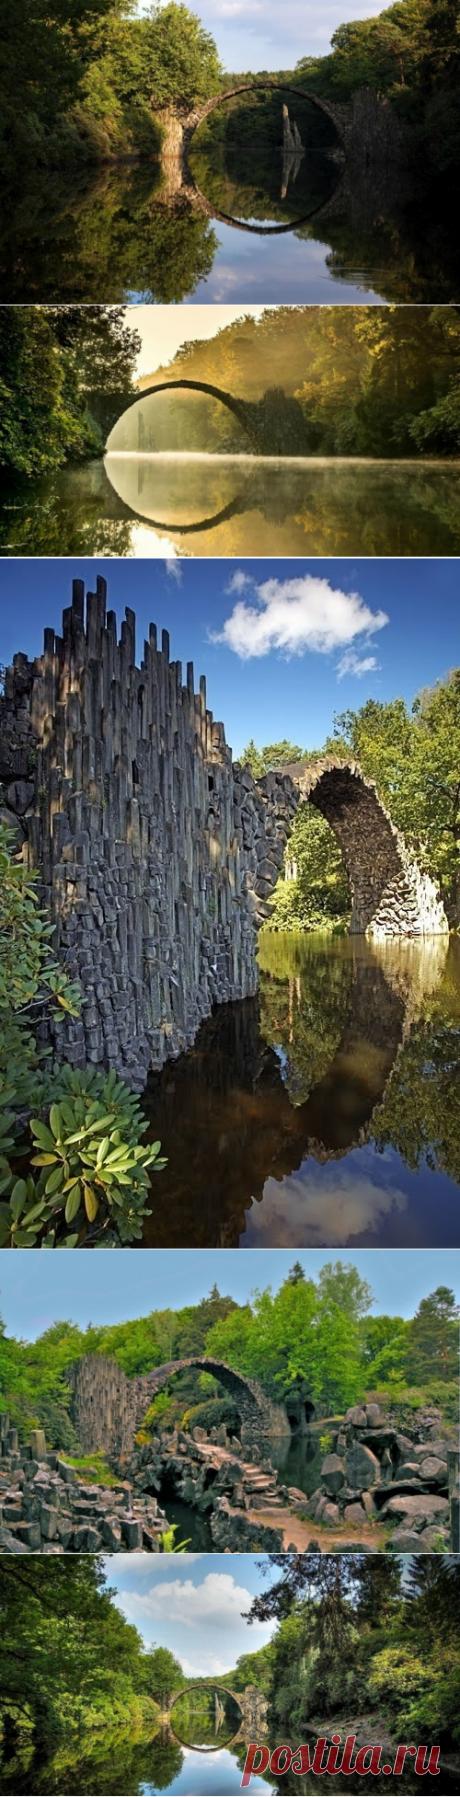 Мистический мост Ракотцбрюке — Путешествия